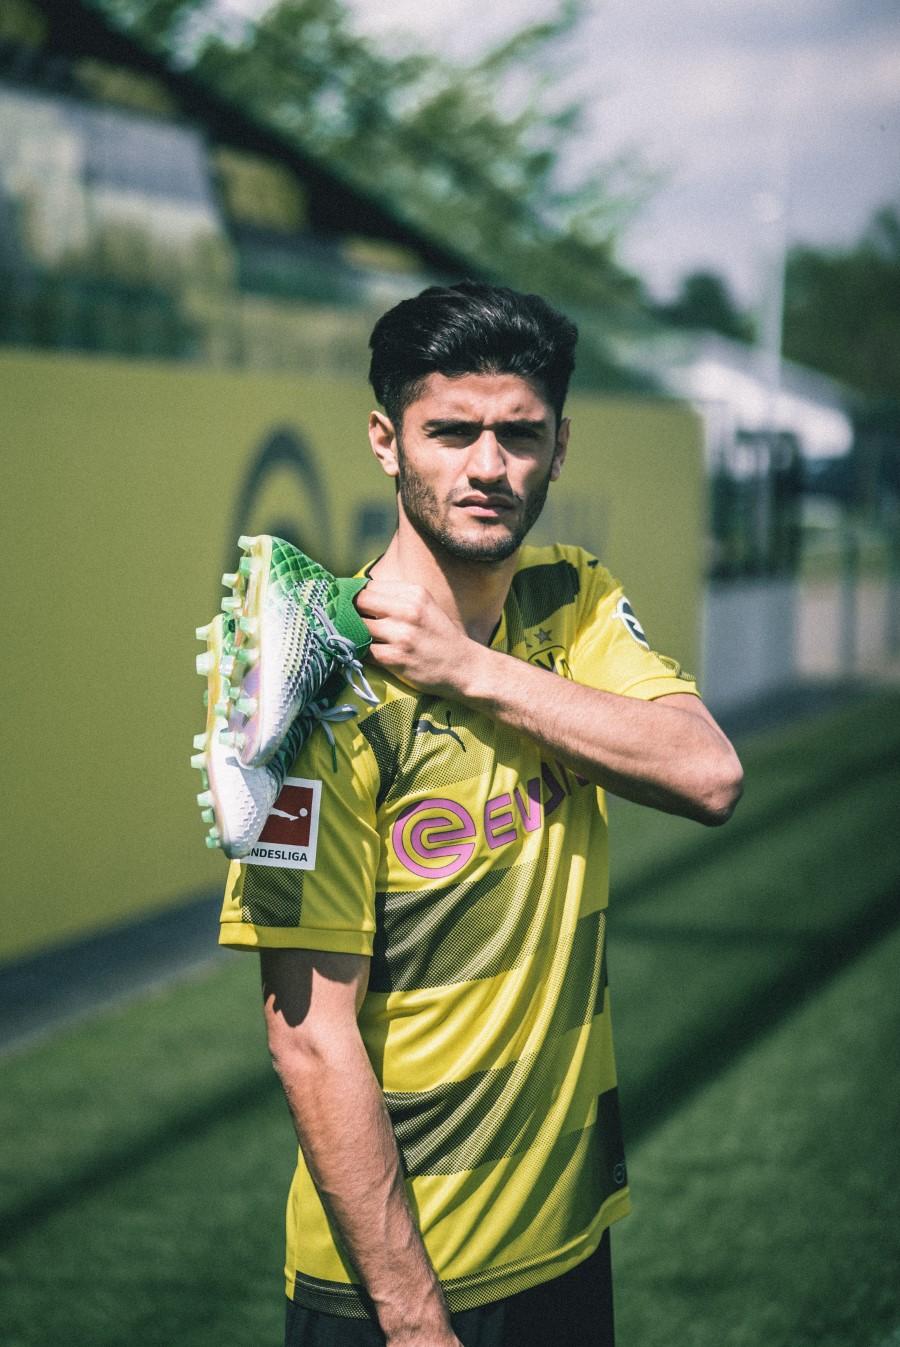 PUMA Football Future Next - Mahmoud Dahoud